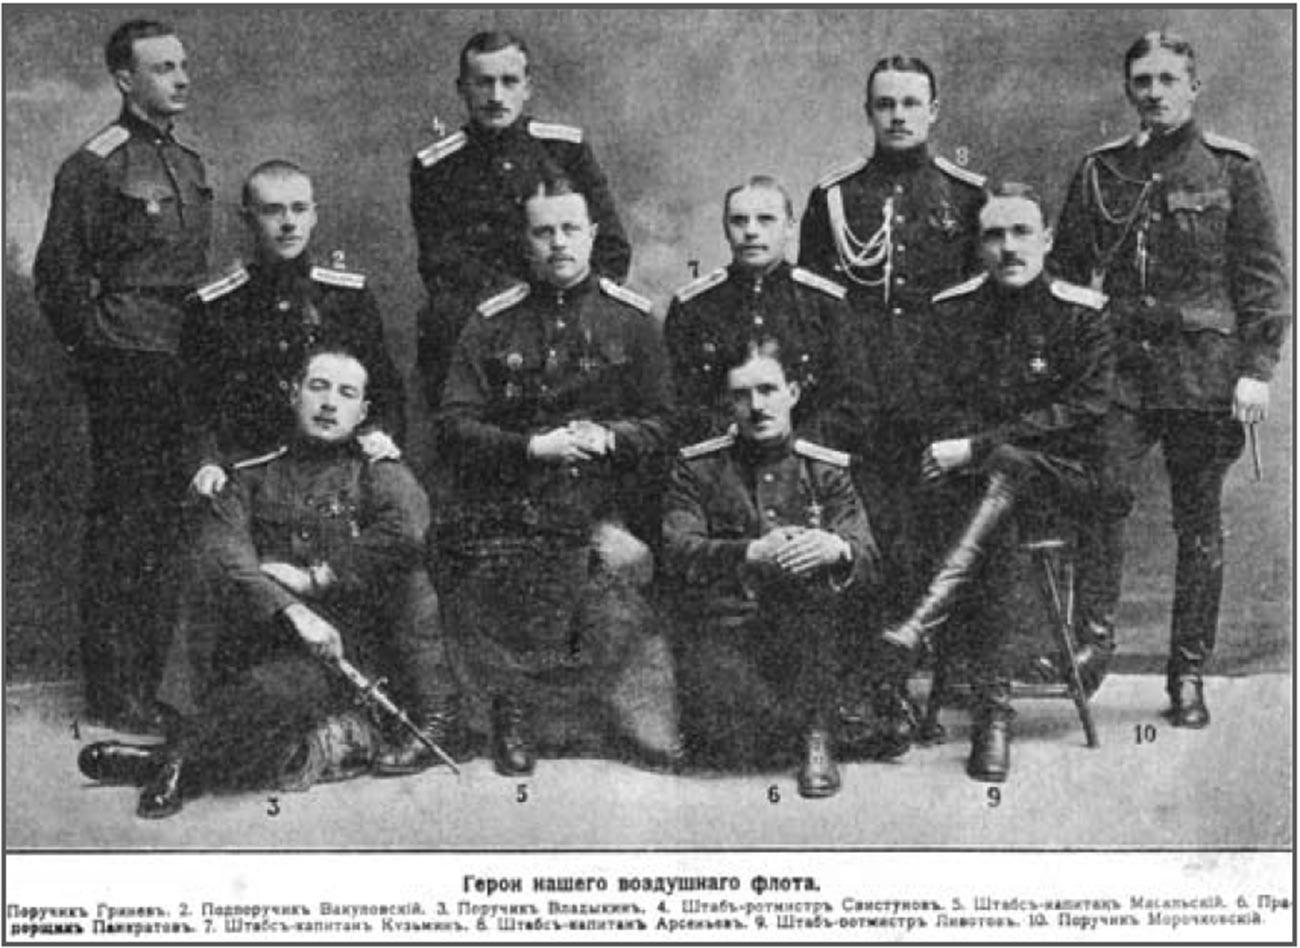 Онисим Панкратов (сидит в первом ряду, центр) на групповом фото летчиков-героев авиации Российской Империи